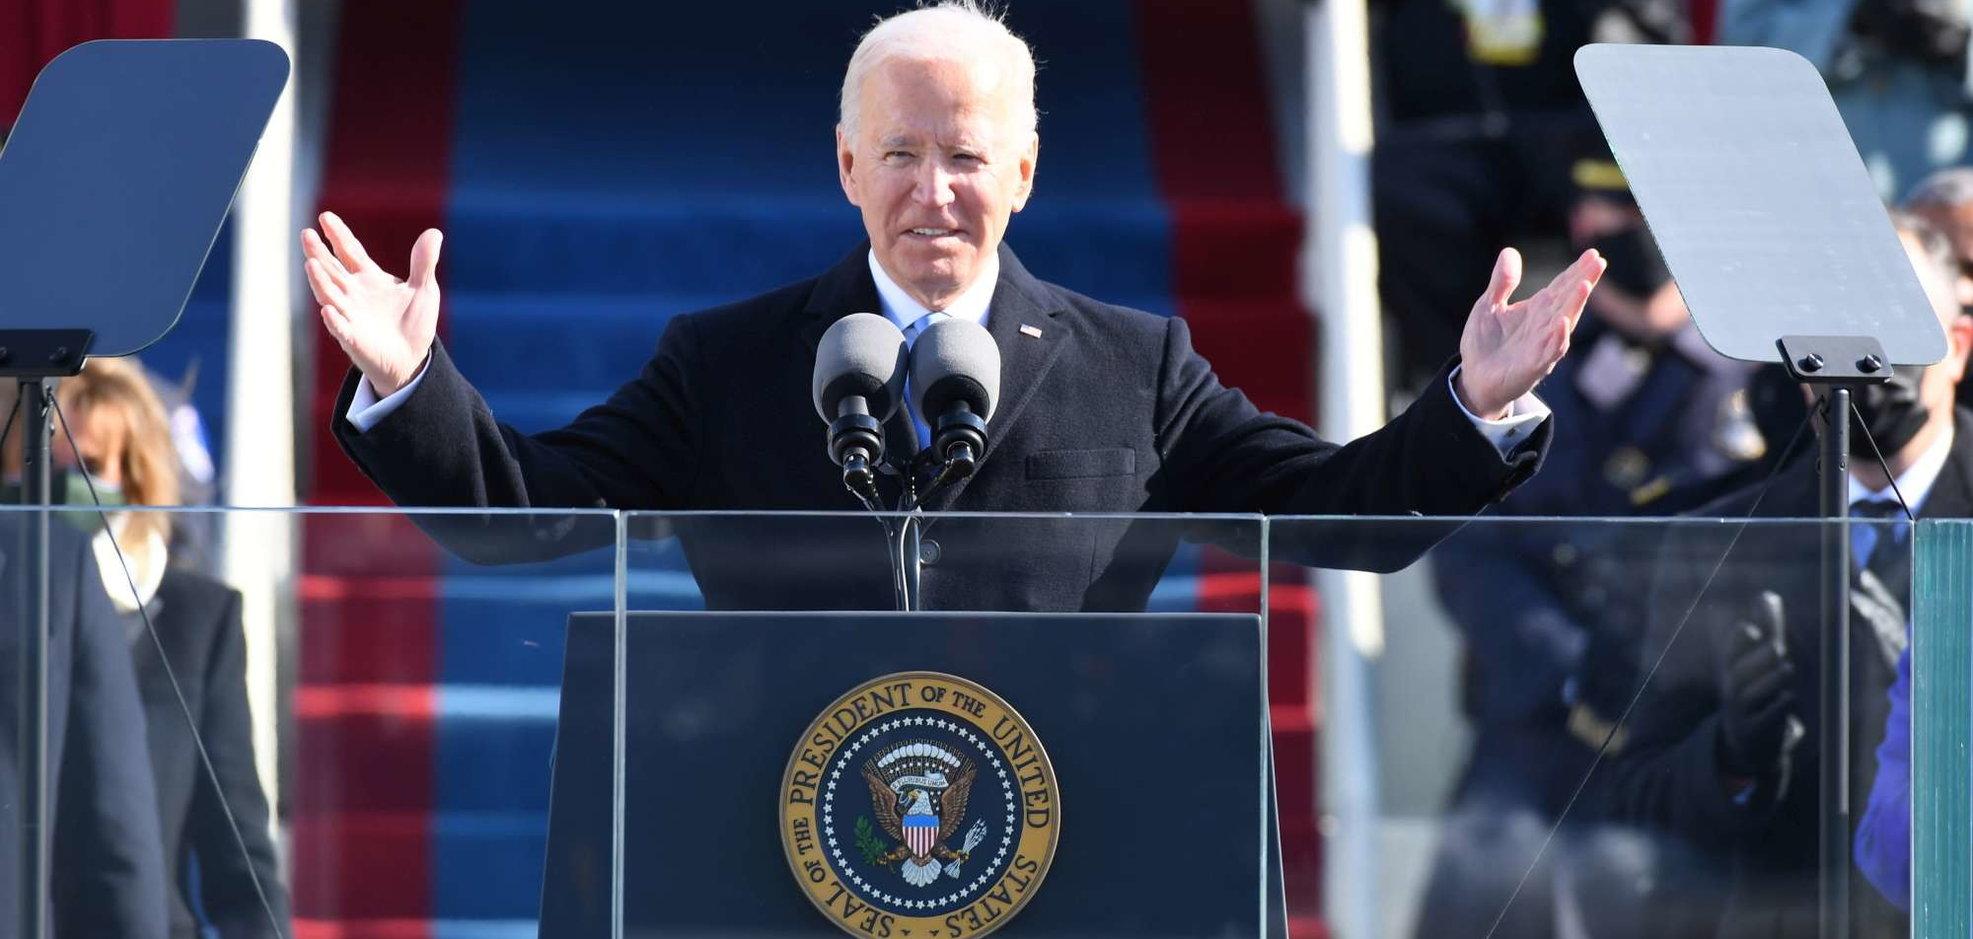 """Joe Biden ha giurato: """"La democrazia ha prevalso""""   """"Torneremo alle alleanze e uniremo tutta l'America"""""""